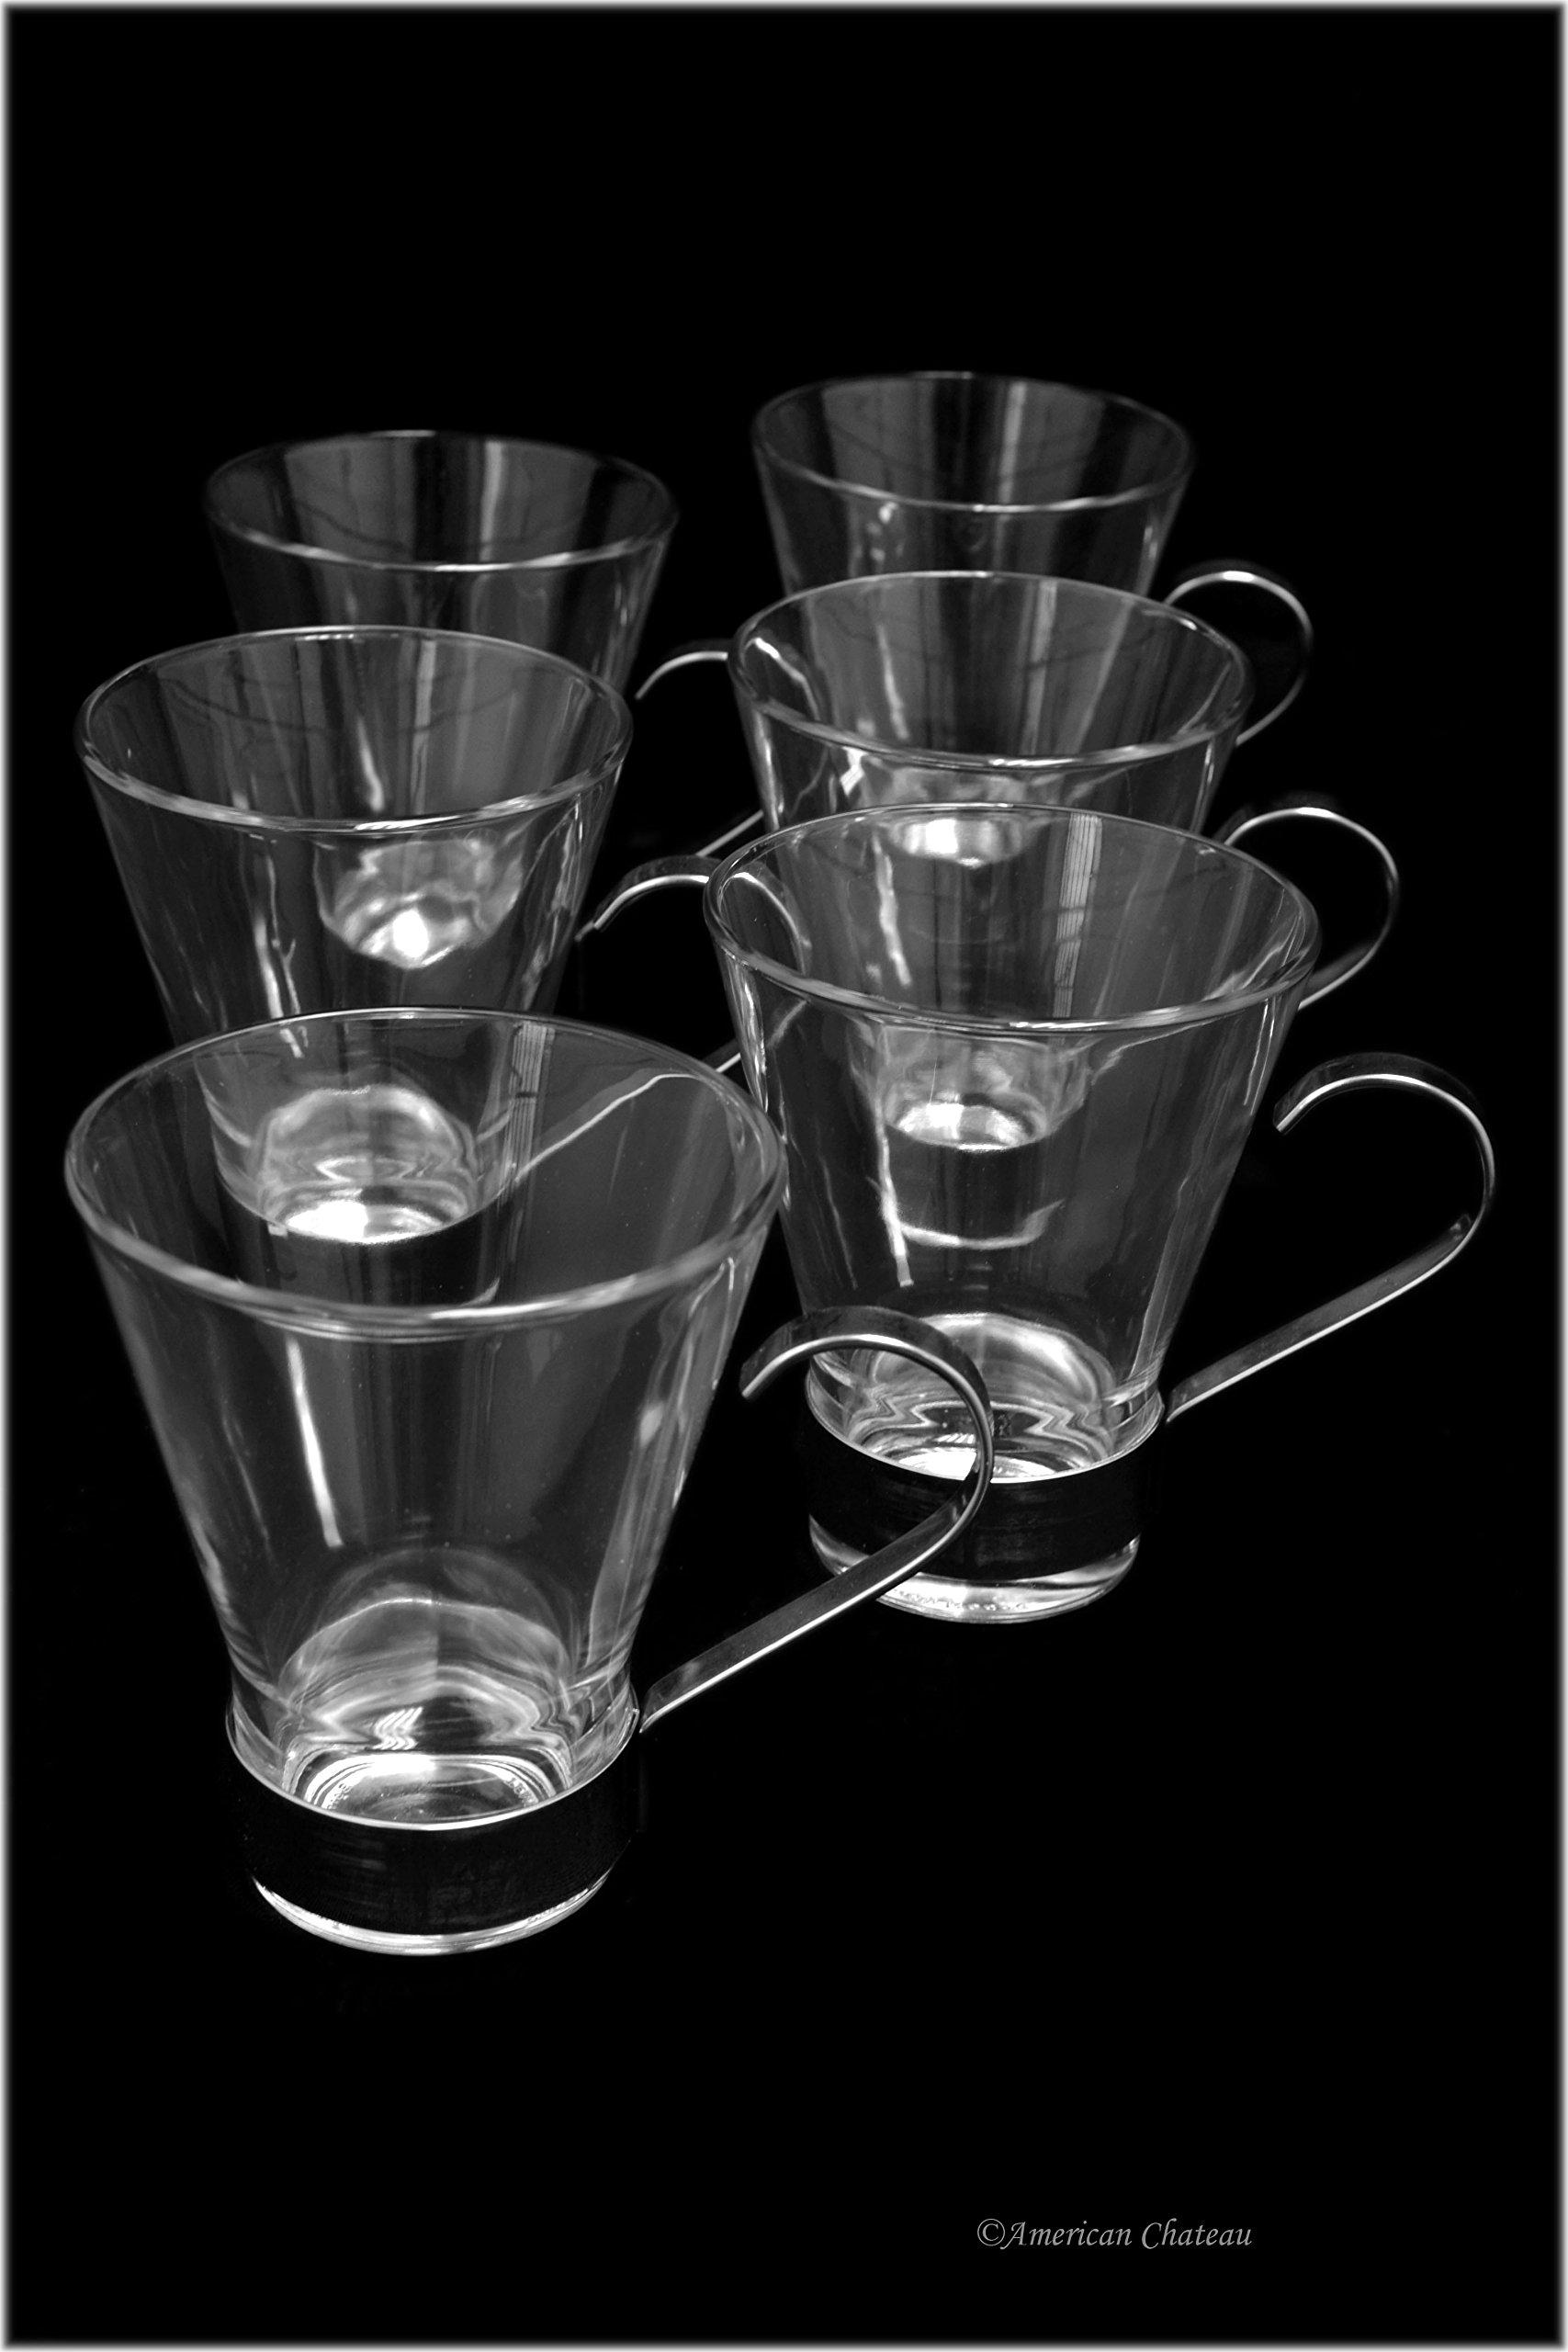 Set 6 Glass & Stainless Steel Tea/Iced Irish Coffee Mug Glasses